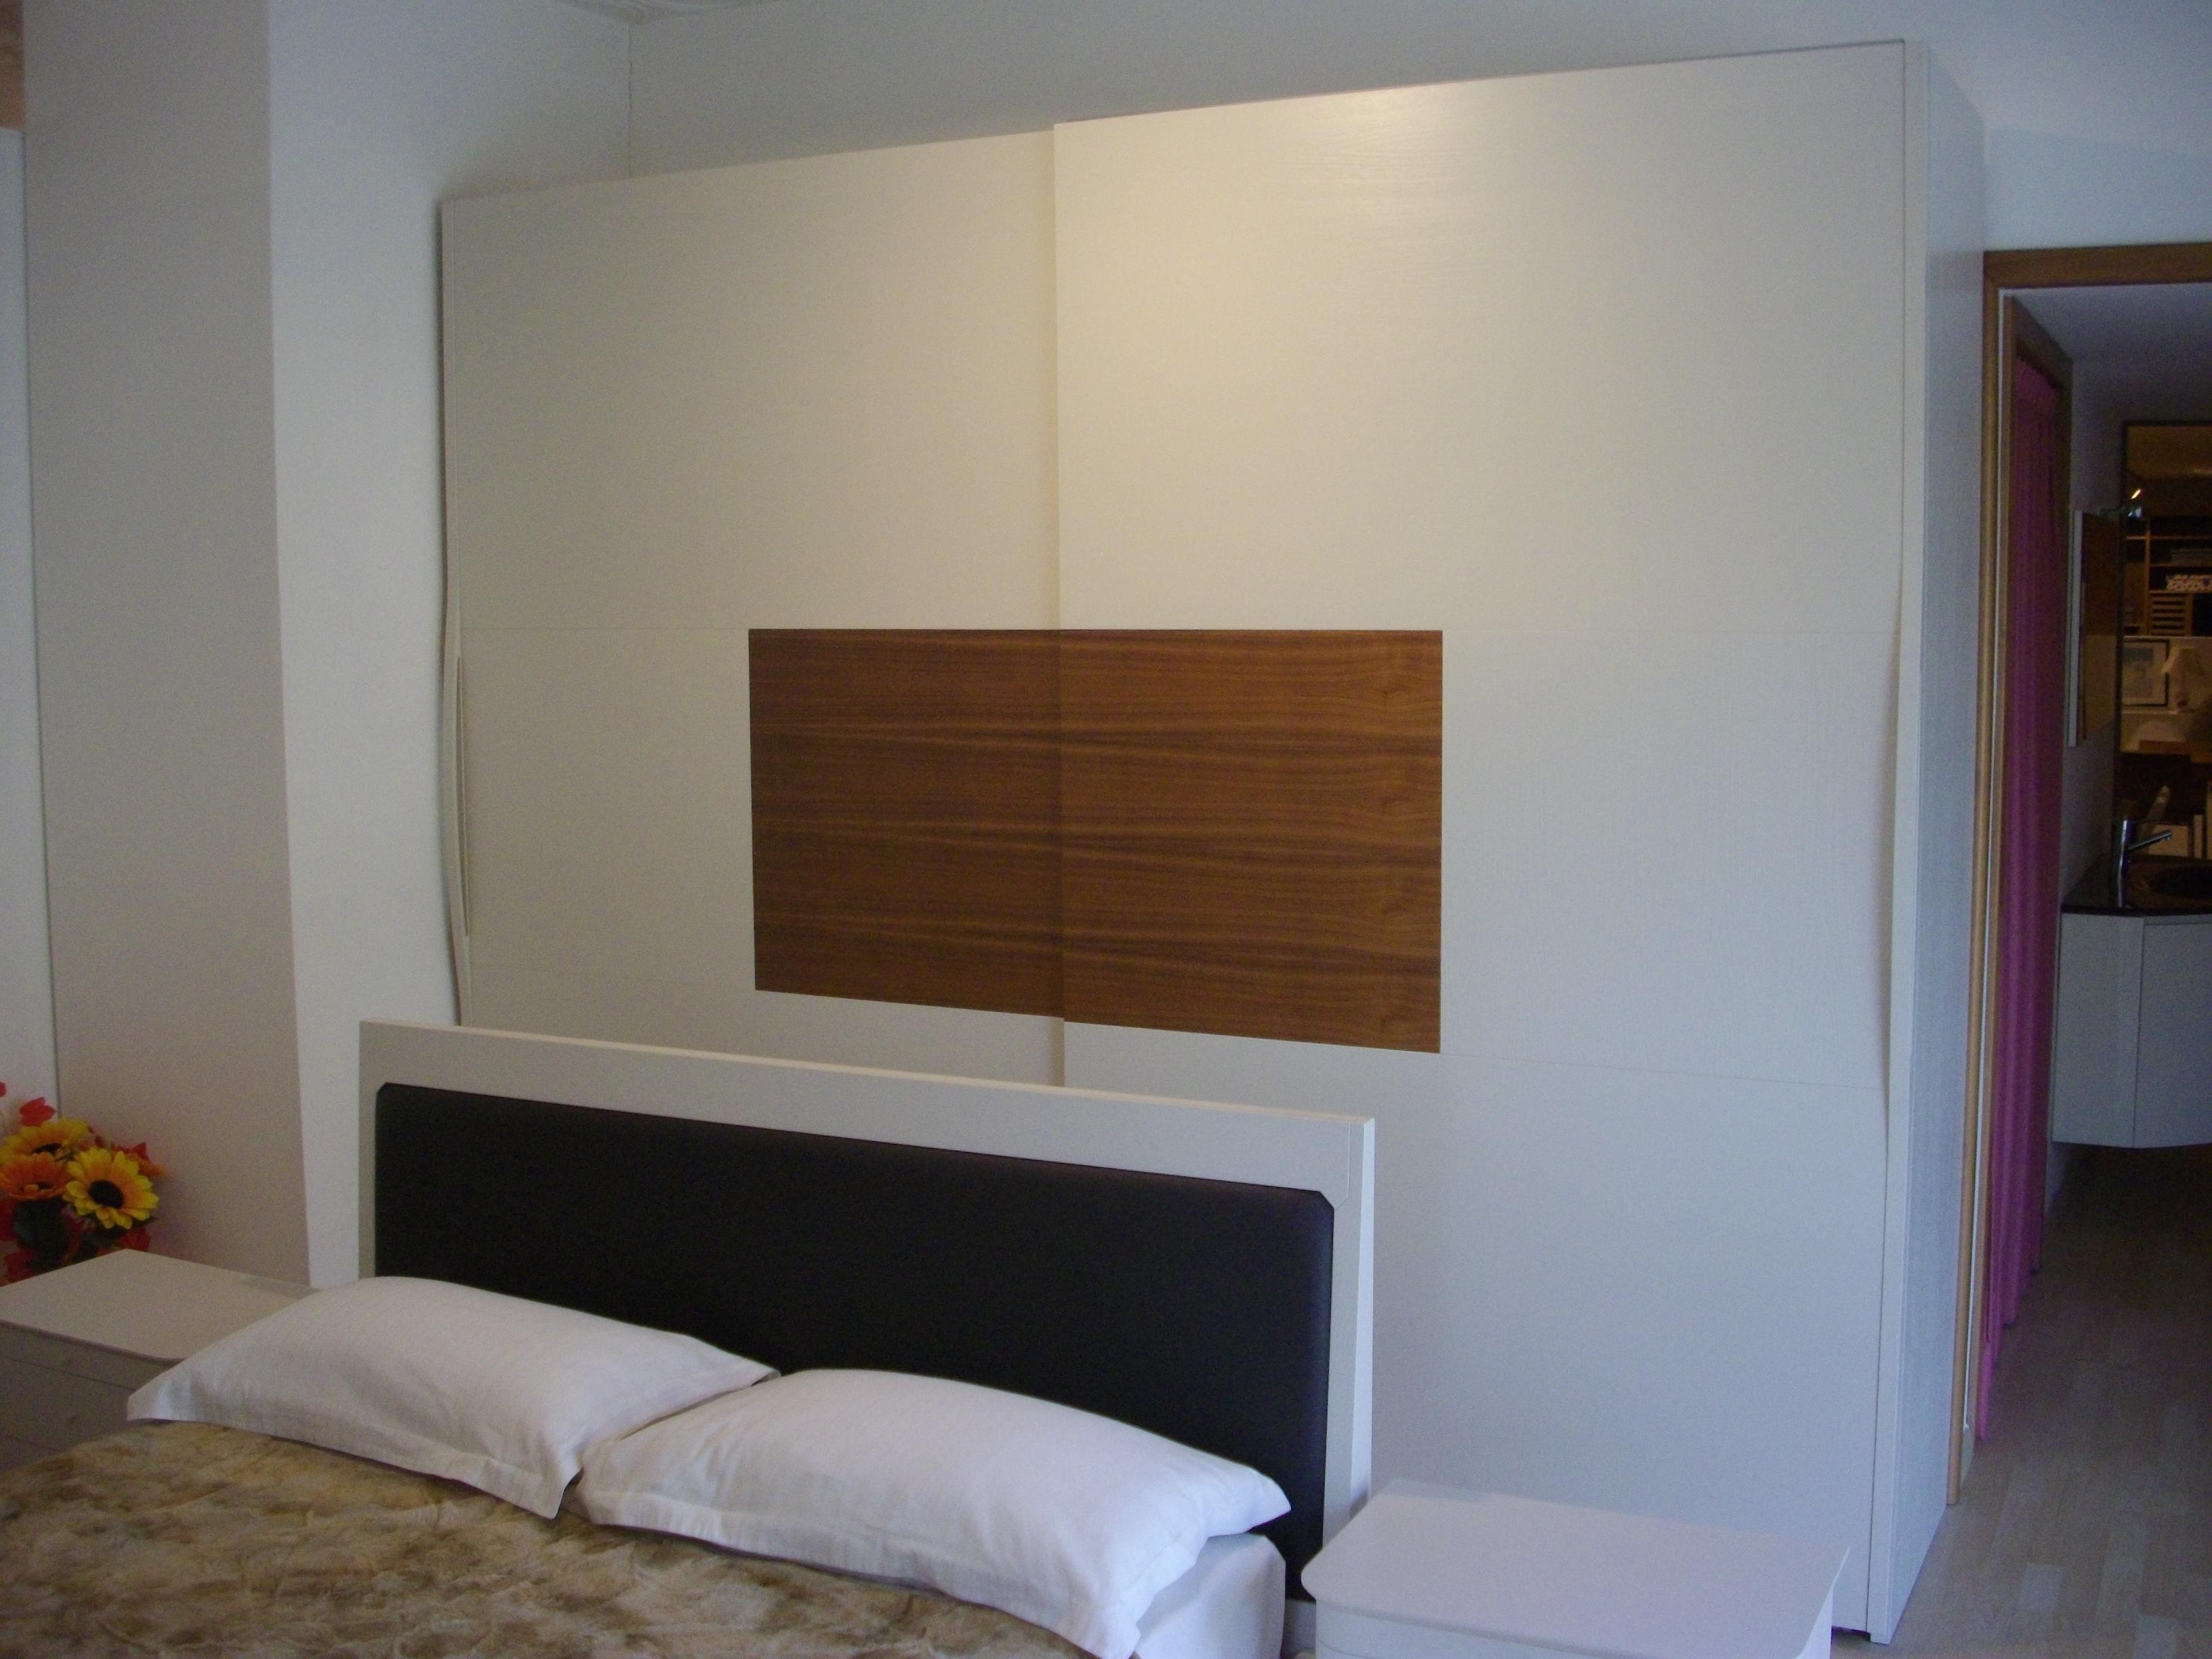 Le fablier camera melograno scontato del 52 camere a prezzi scontati - Camera da letto le fablier ...